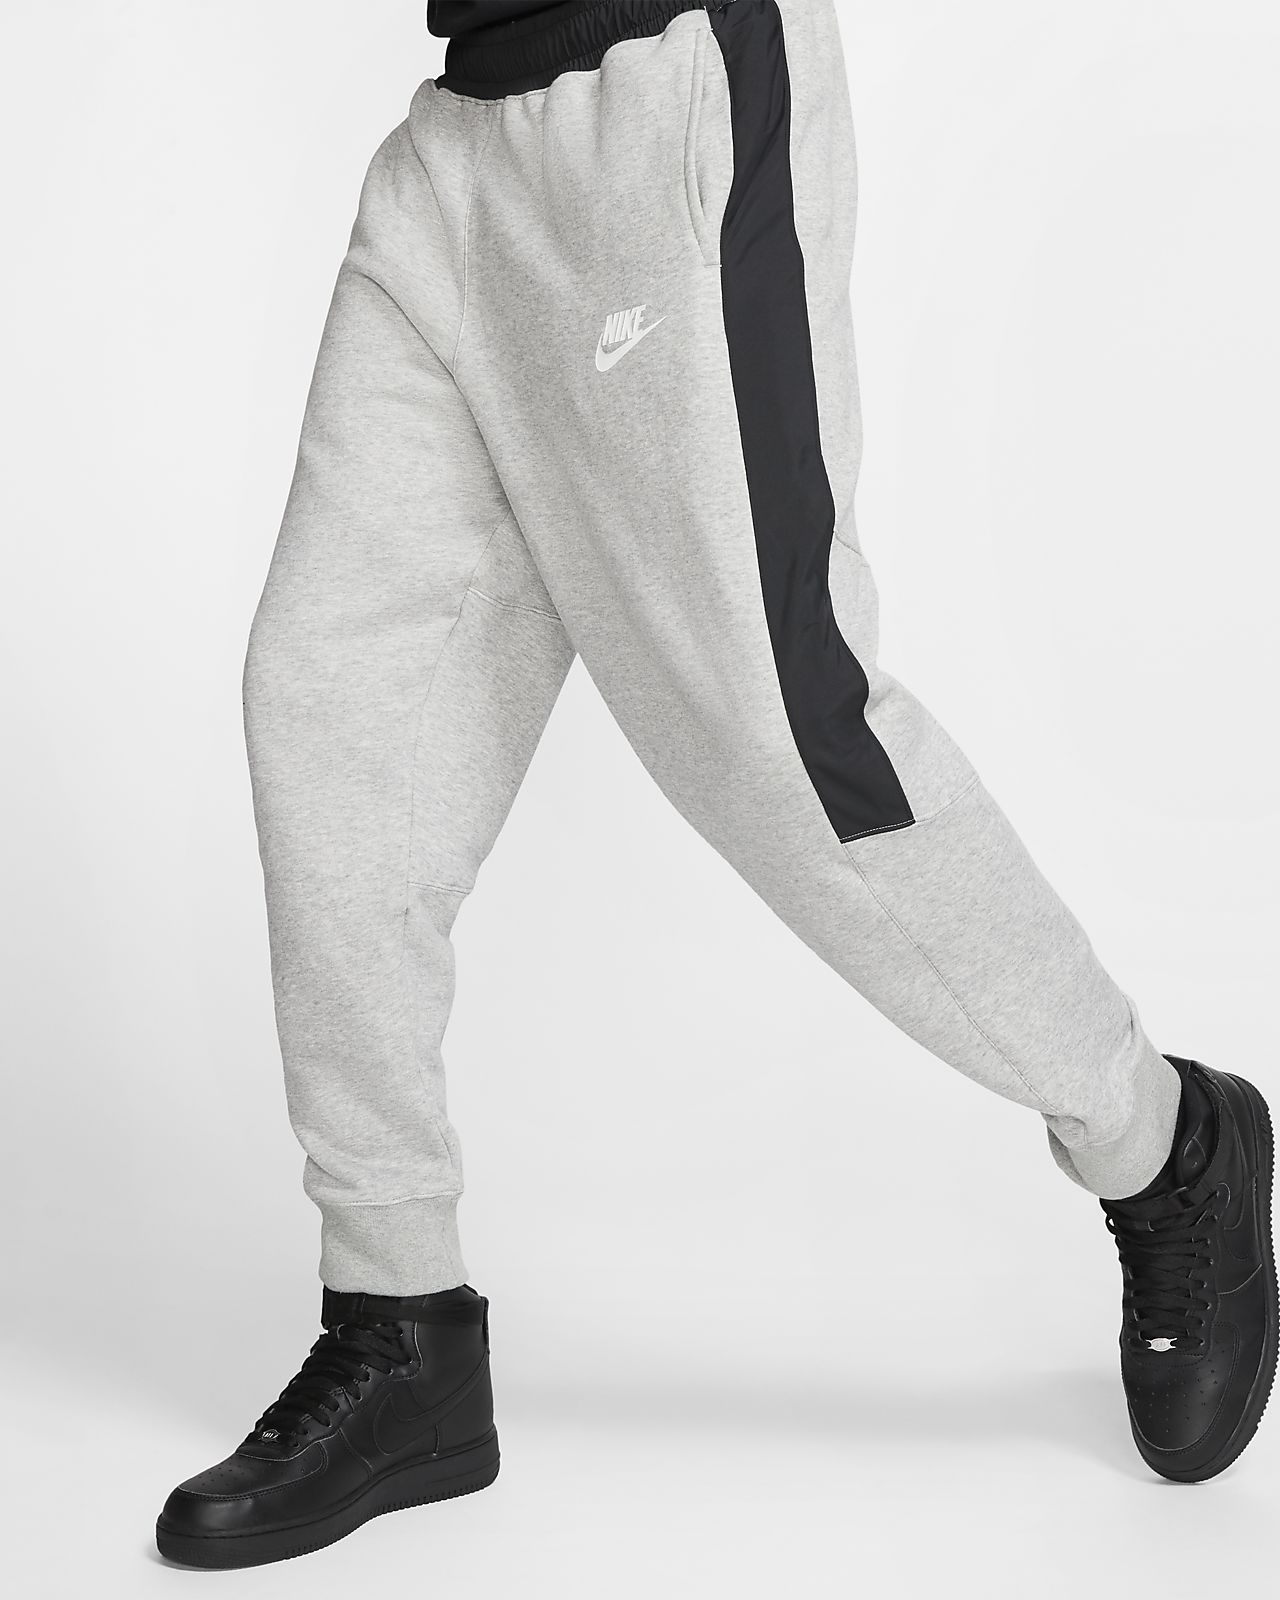 Nike Sportswear 男子长裤